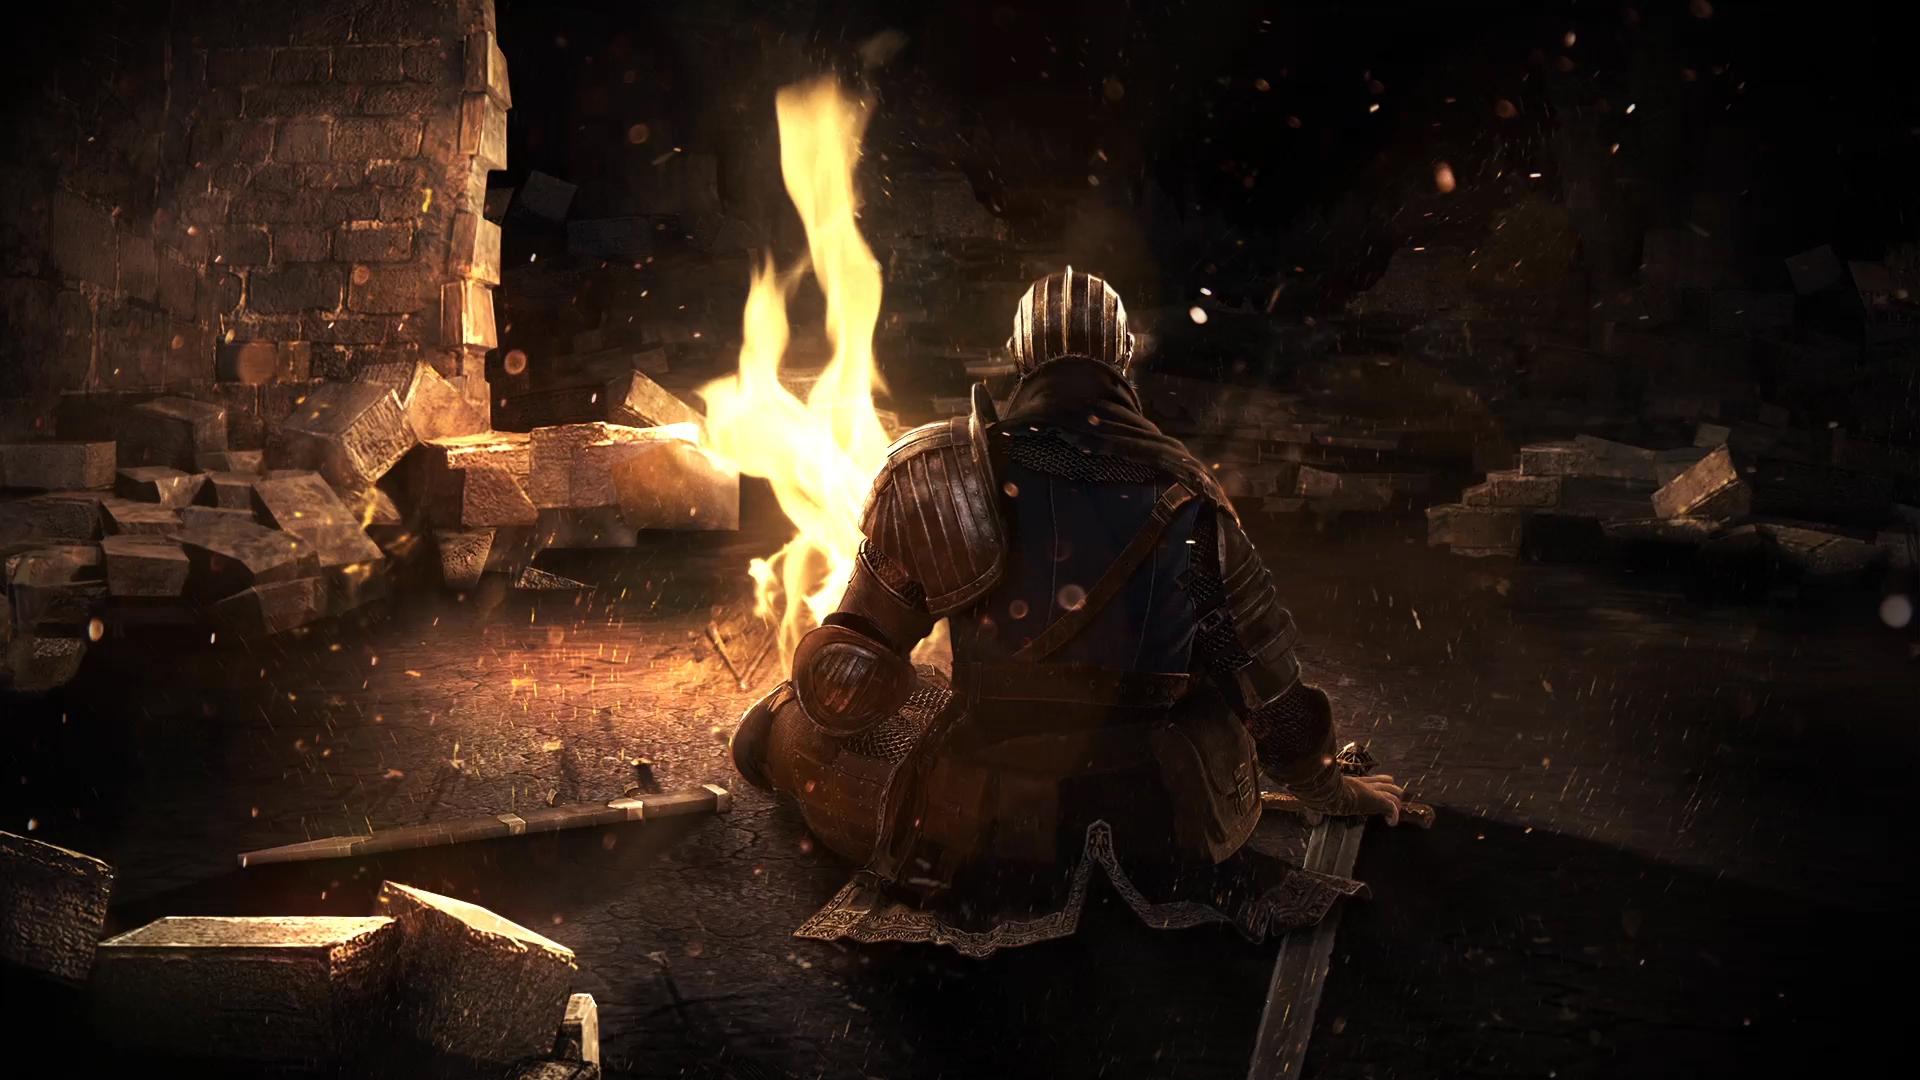 Dark Souls Under Fire Wallpaper Engine Free